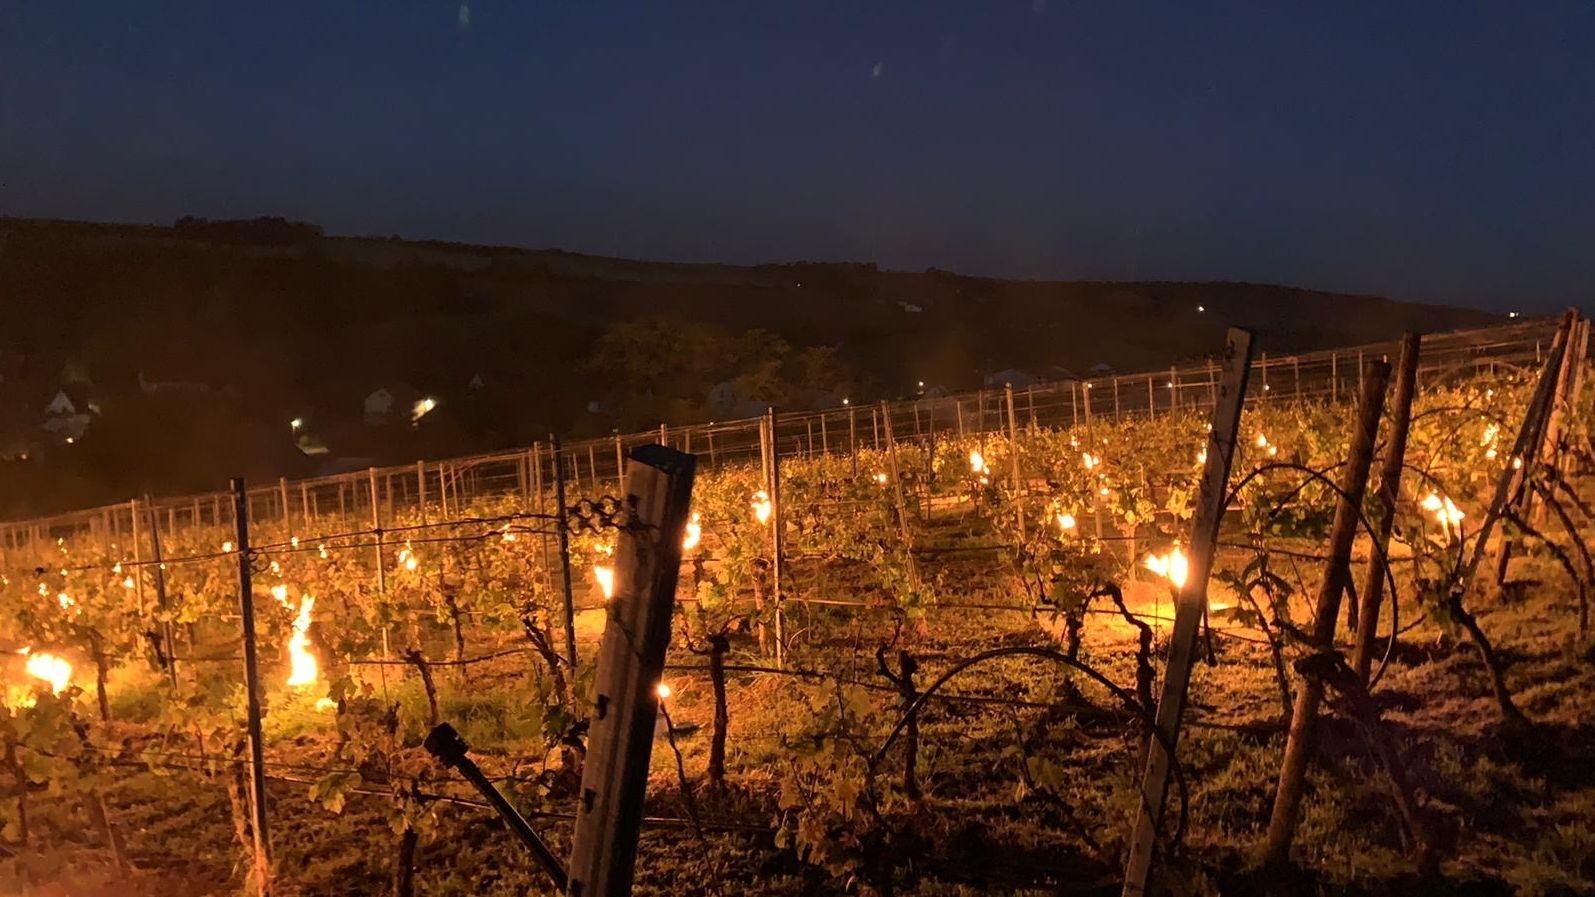 Mit Kerzen in Eimern haben Winzer ihre Weinstöcke vor dem Frost geschützt.